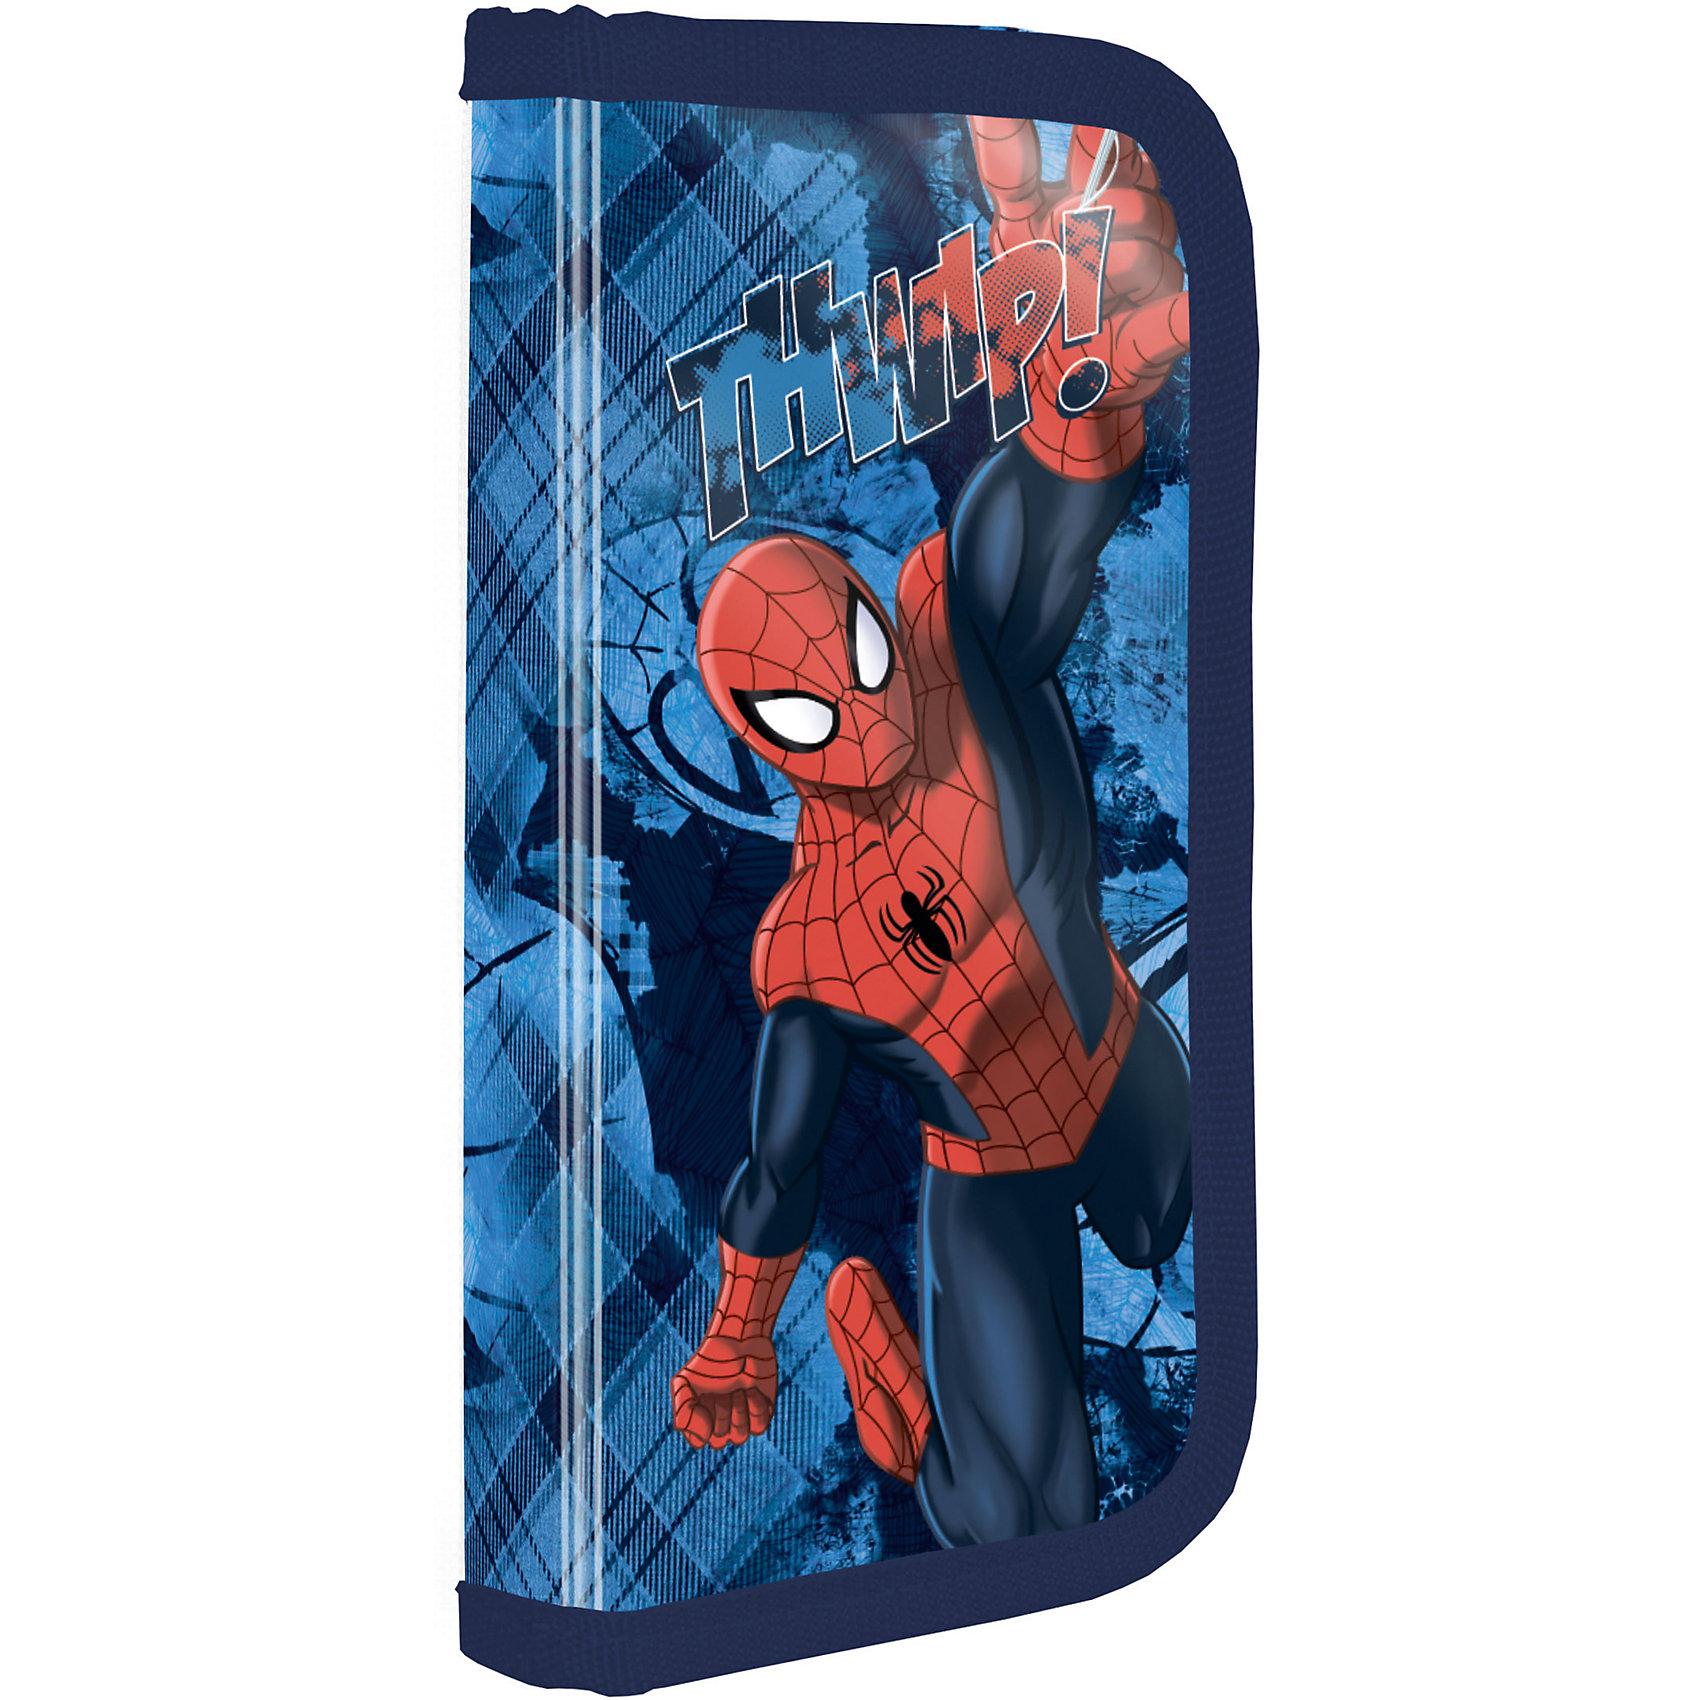 Академия групп Жесткий пенал, Человек-Паук академия групп набор канцелярский в подарочной коробке человек паук